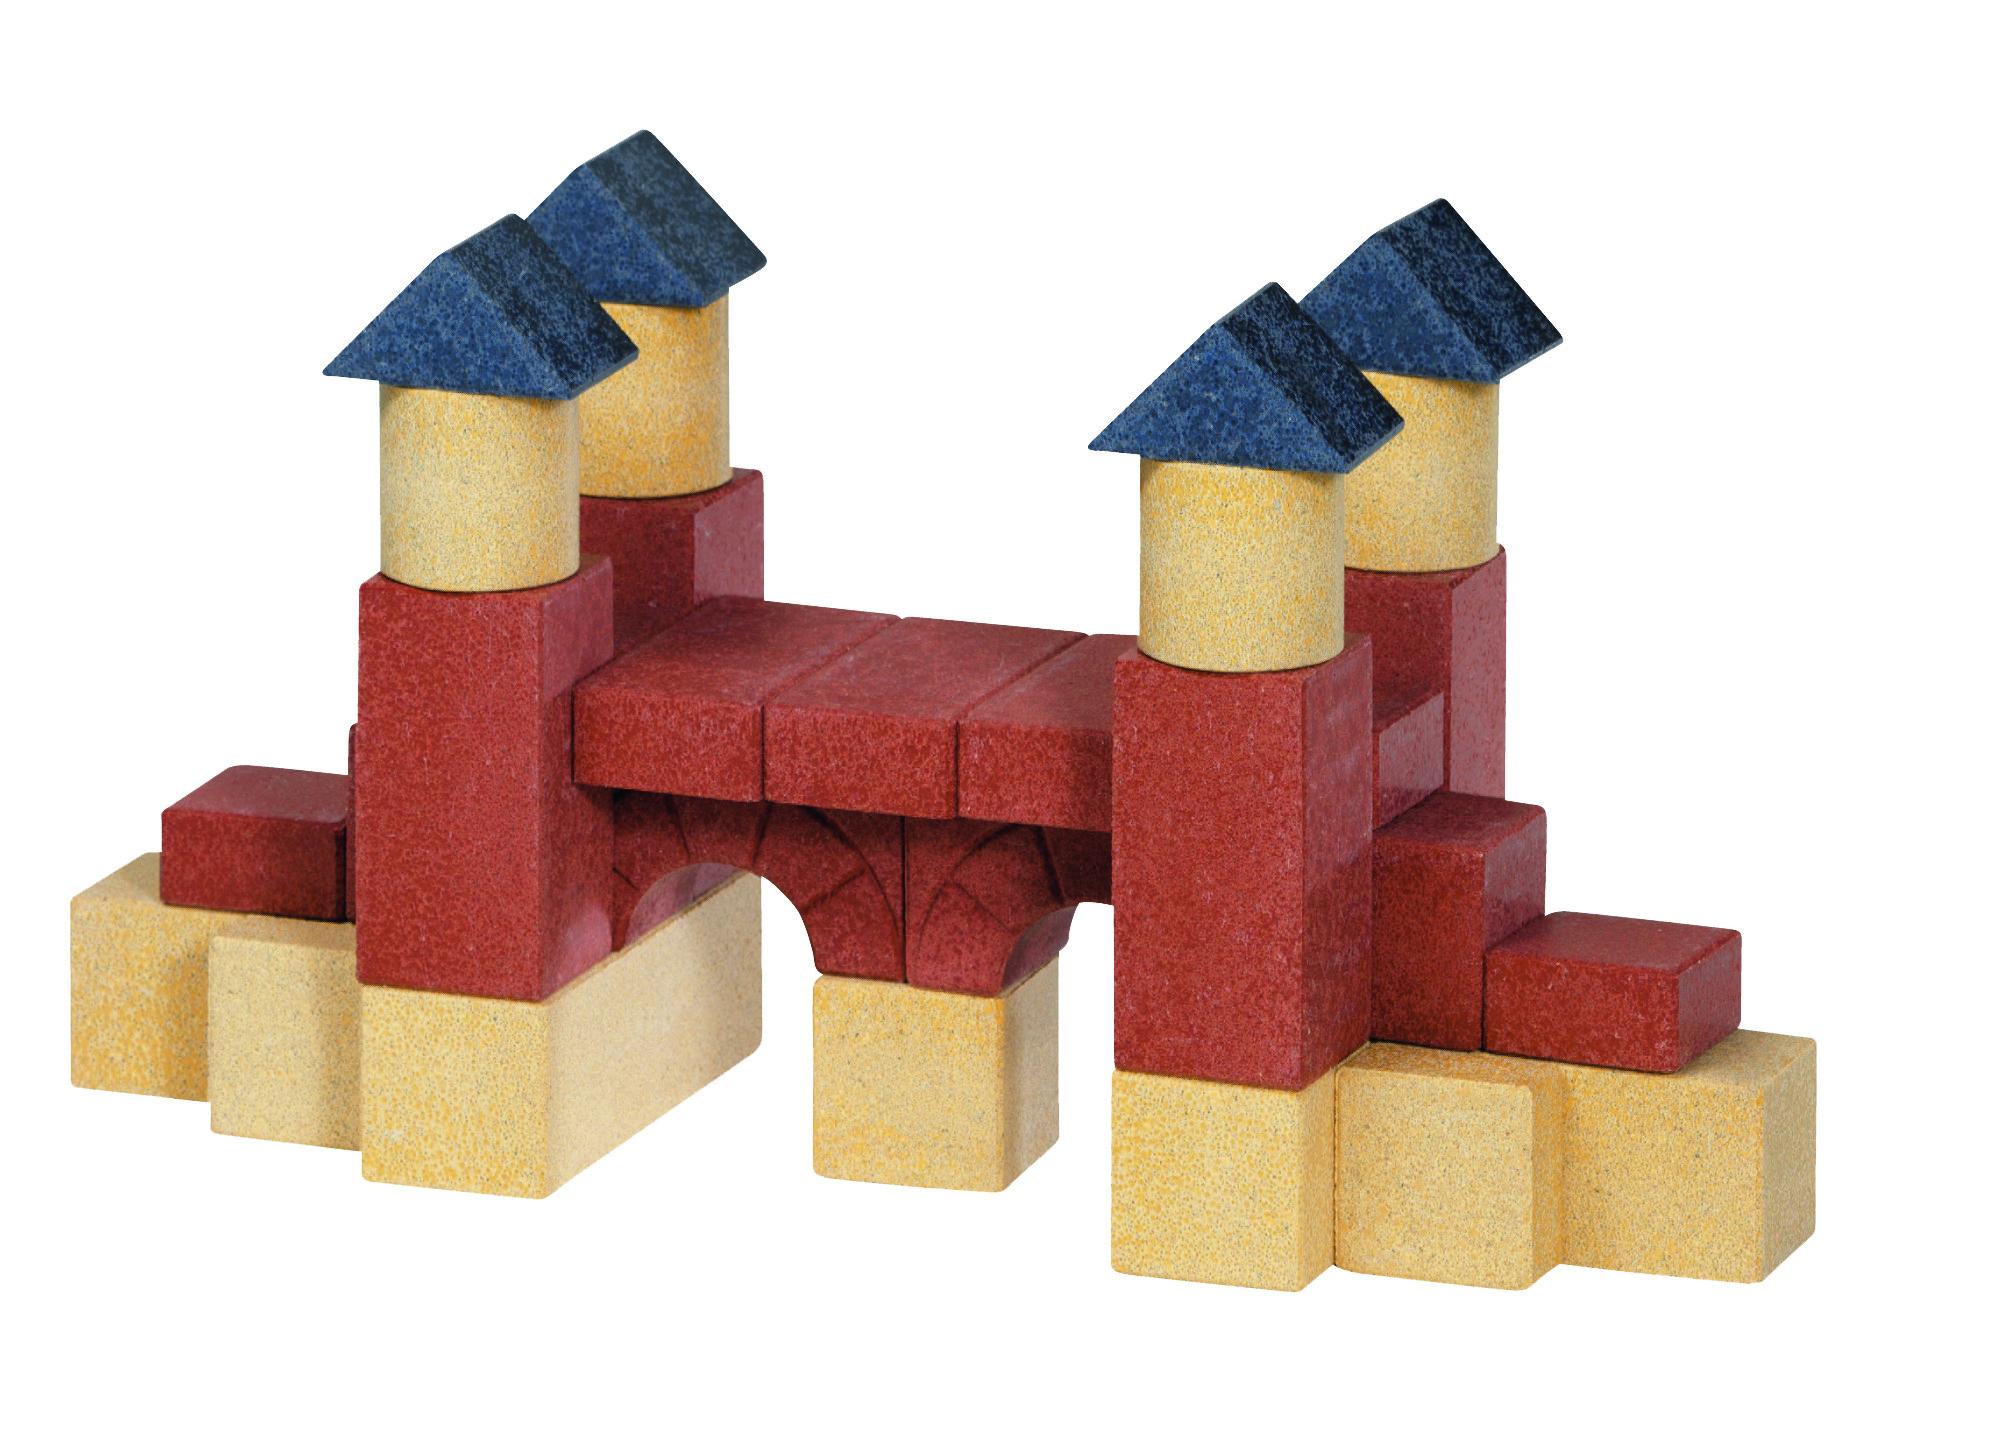 ANKER Building sets